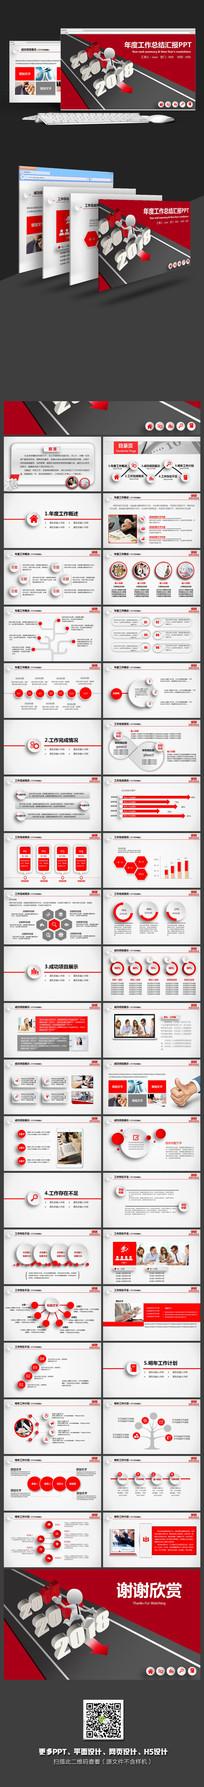 商务新年工作总结计划ppt模板设计